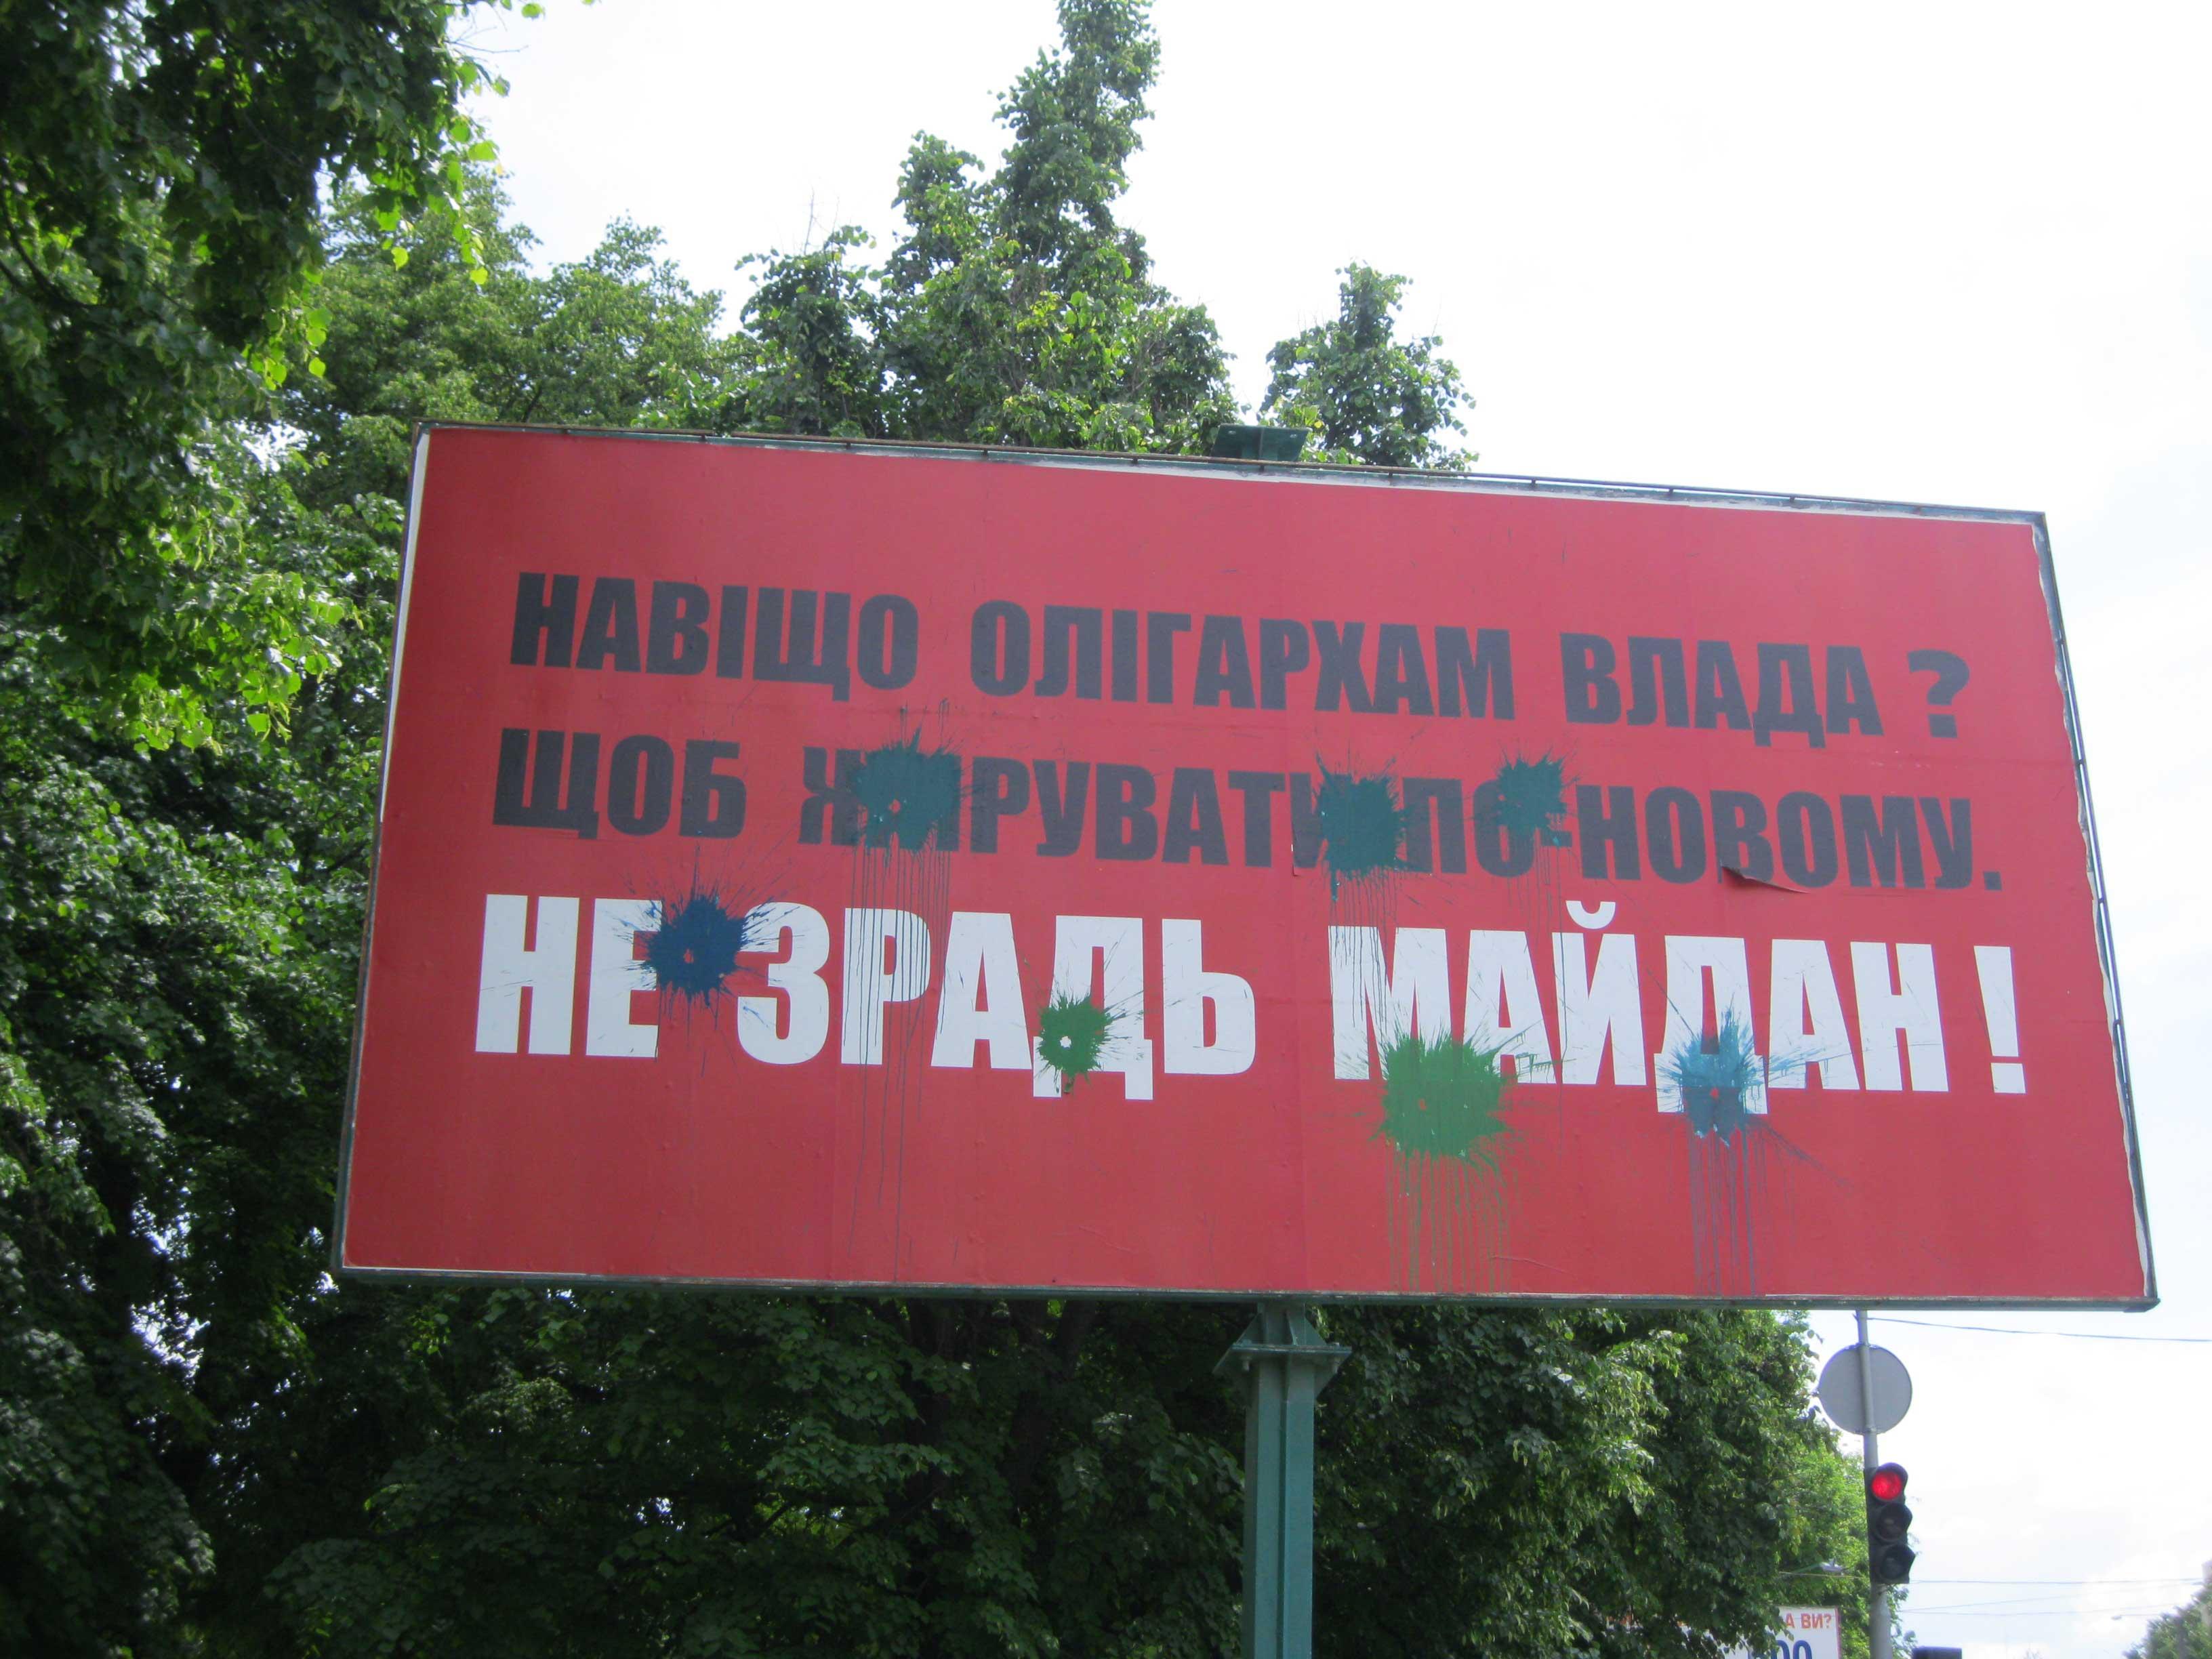 Восстановление Донбасса - главный приоритет для Украины, - Порошенко - Цензор.НЕТ 9497